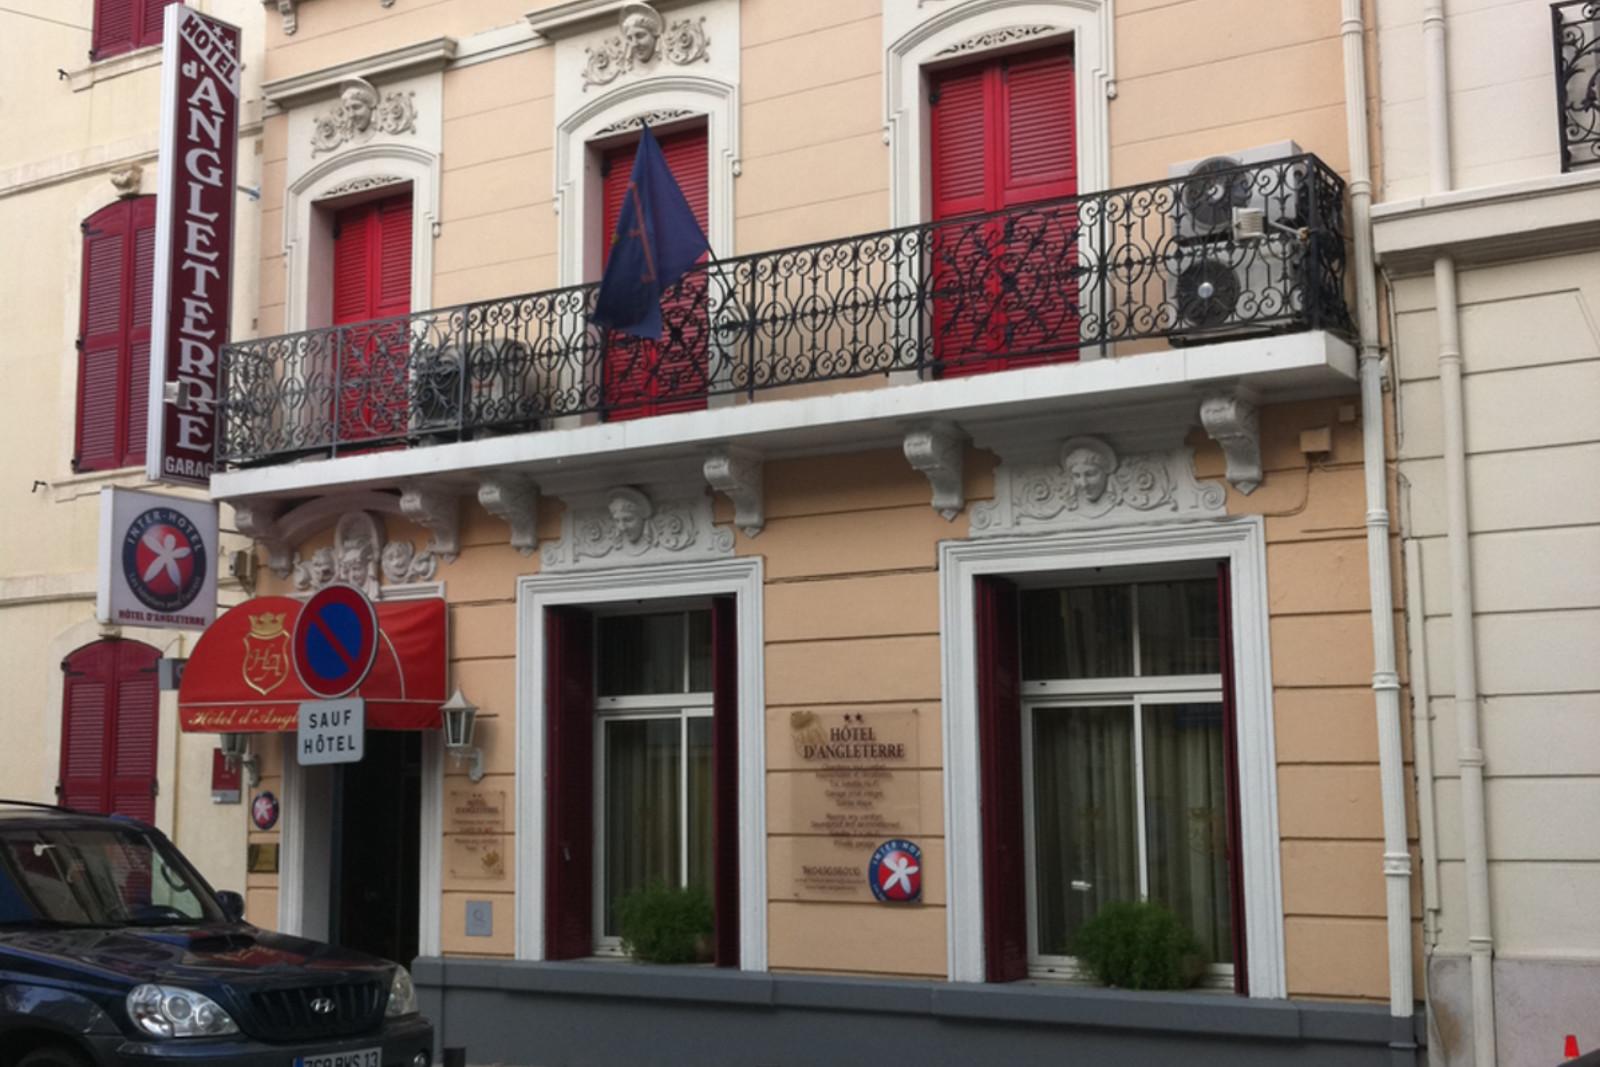 Nuit pour 2 l 39 h tel d angleterre salon de provence 13 for Hotel d angleterre salon de provence